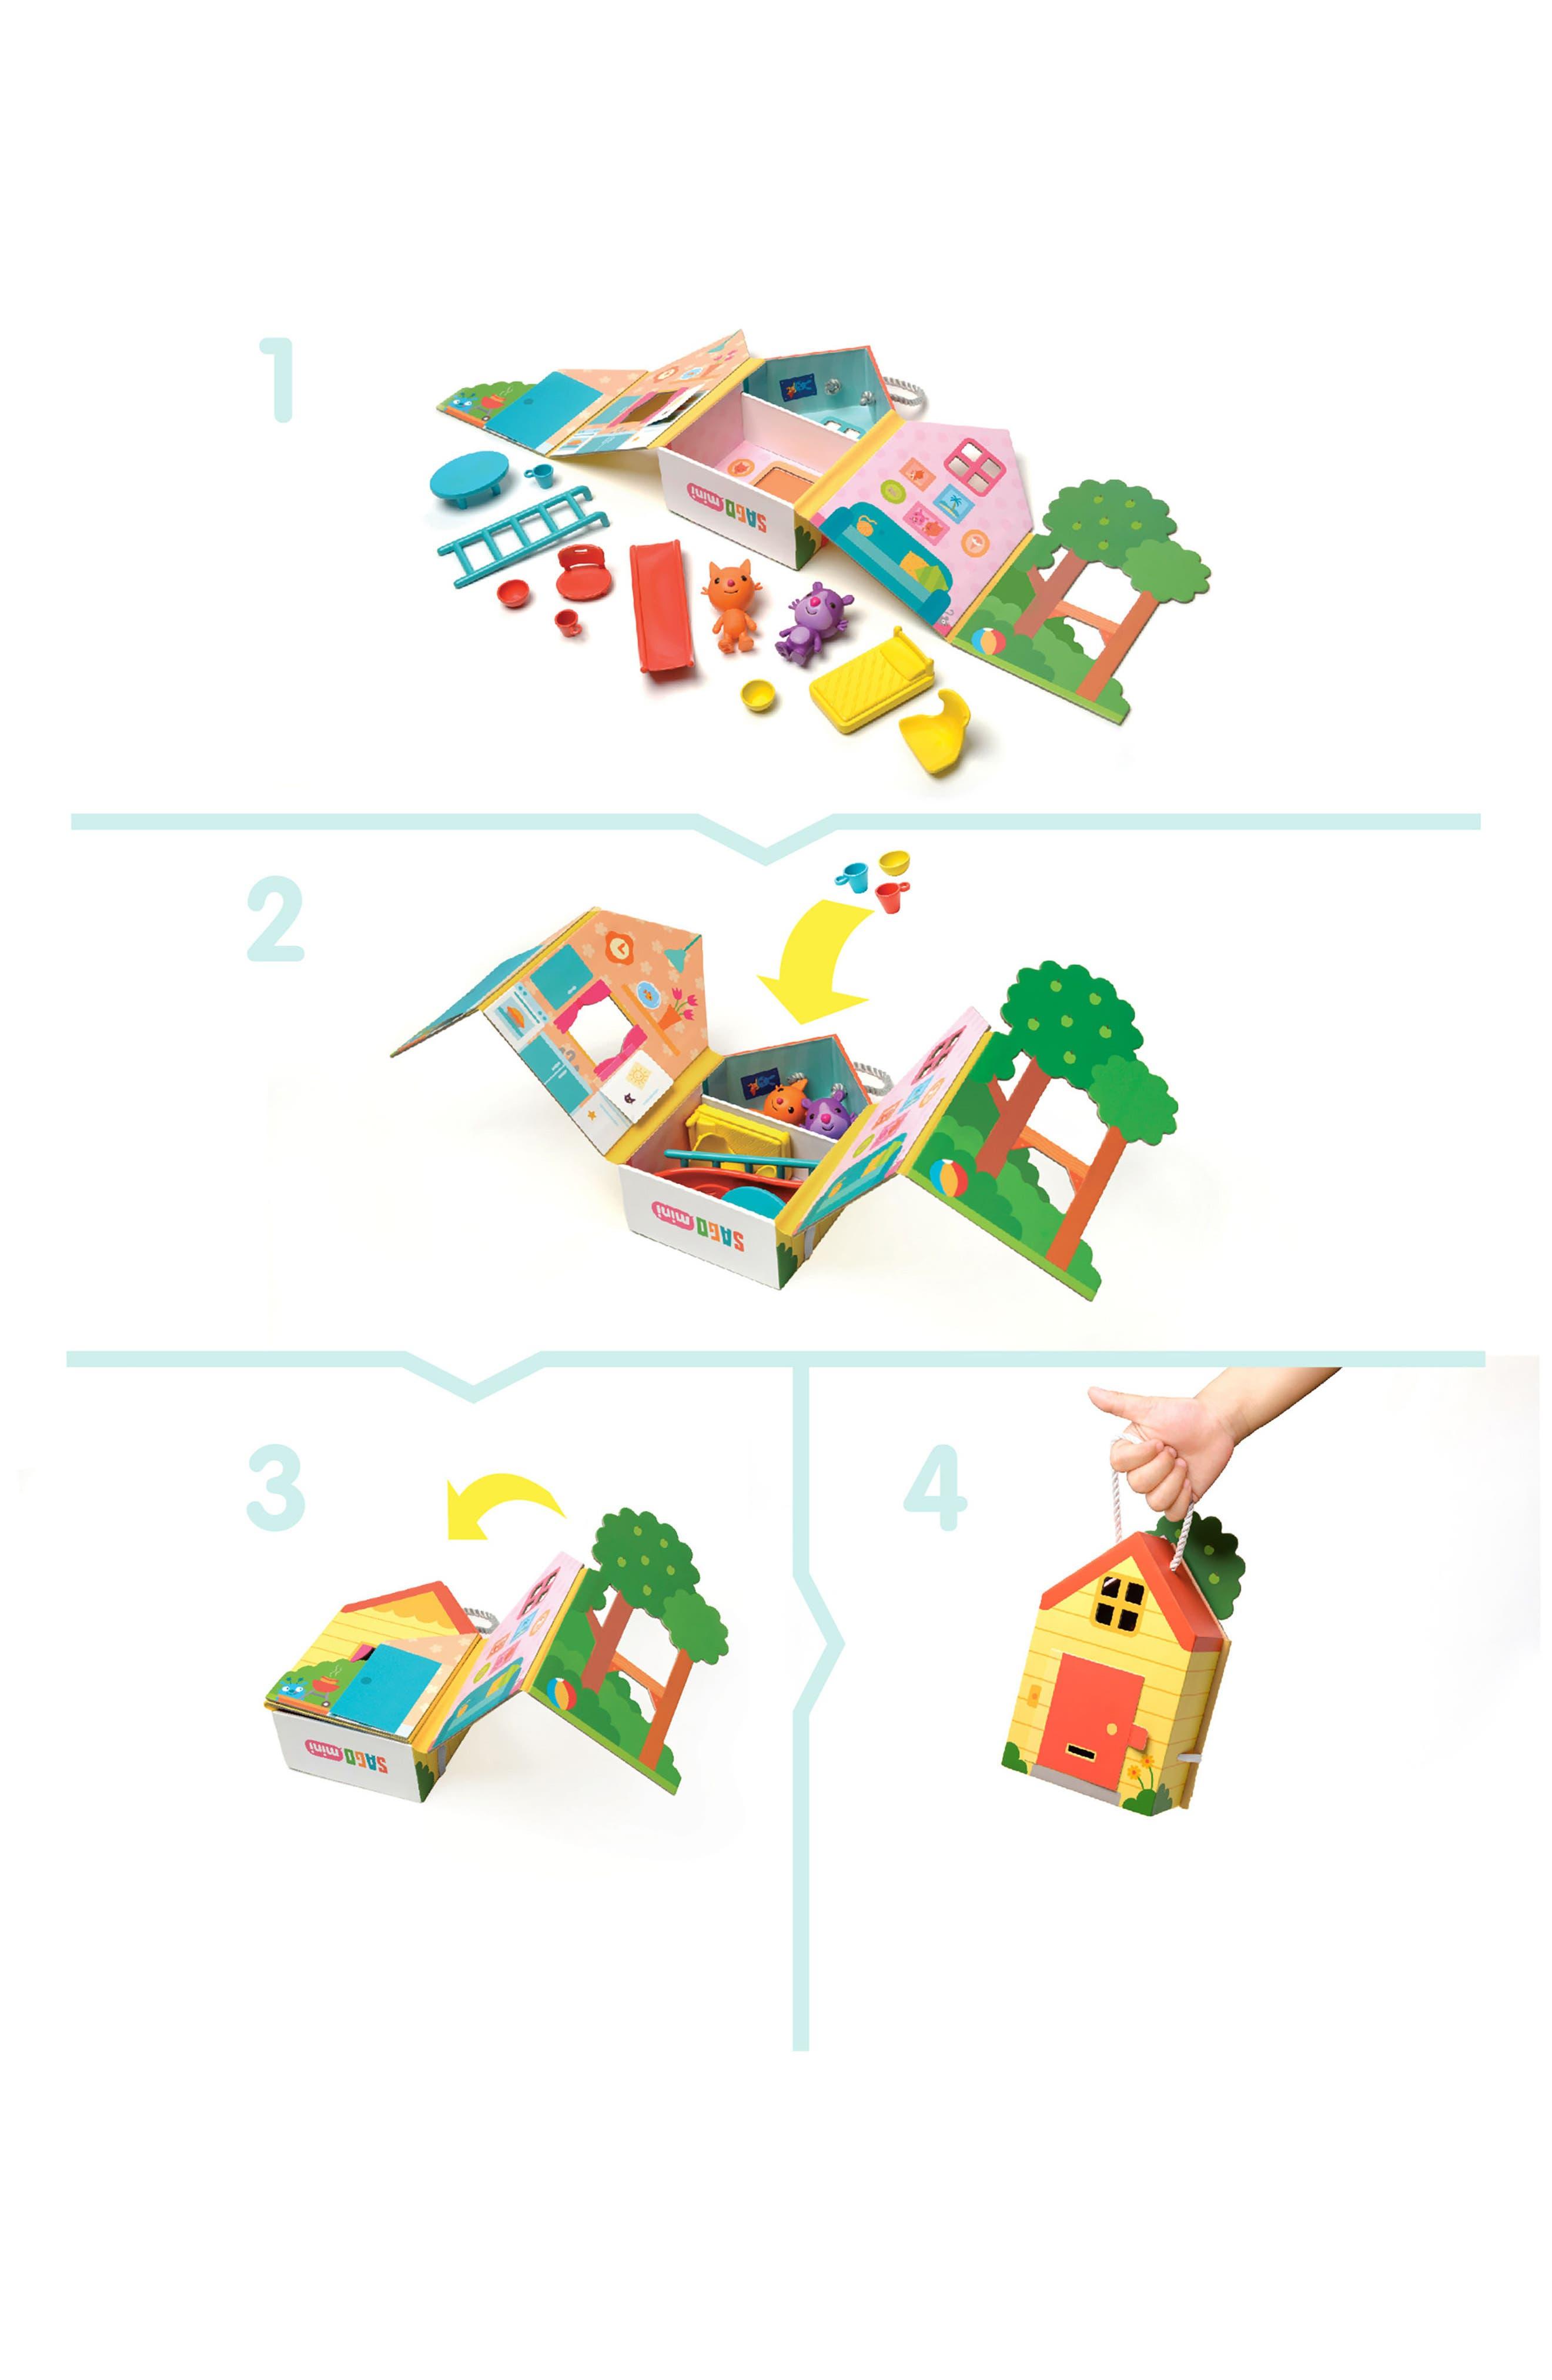 Jinja's House Portable Play Set,                             Alternate thumbnail 4, color,                             Multi